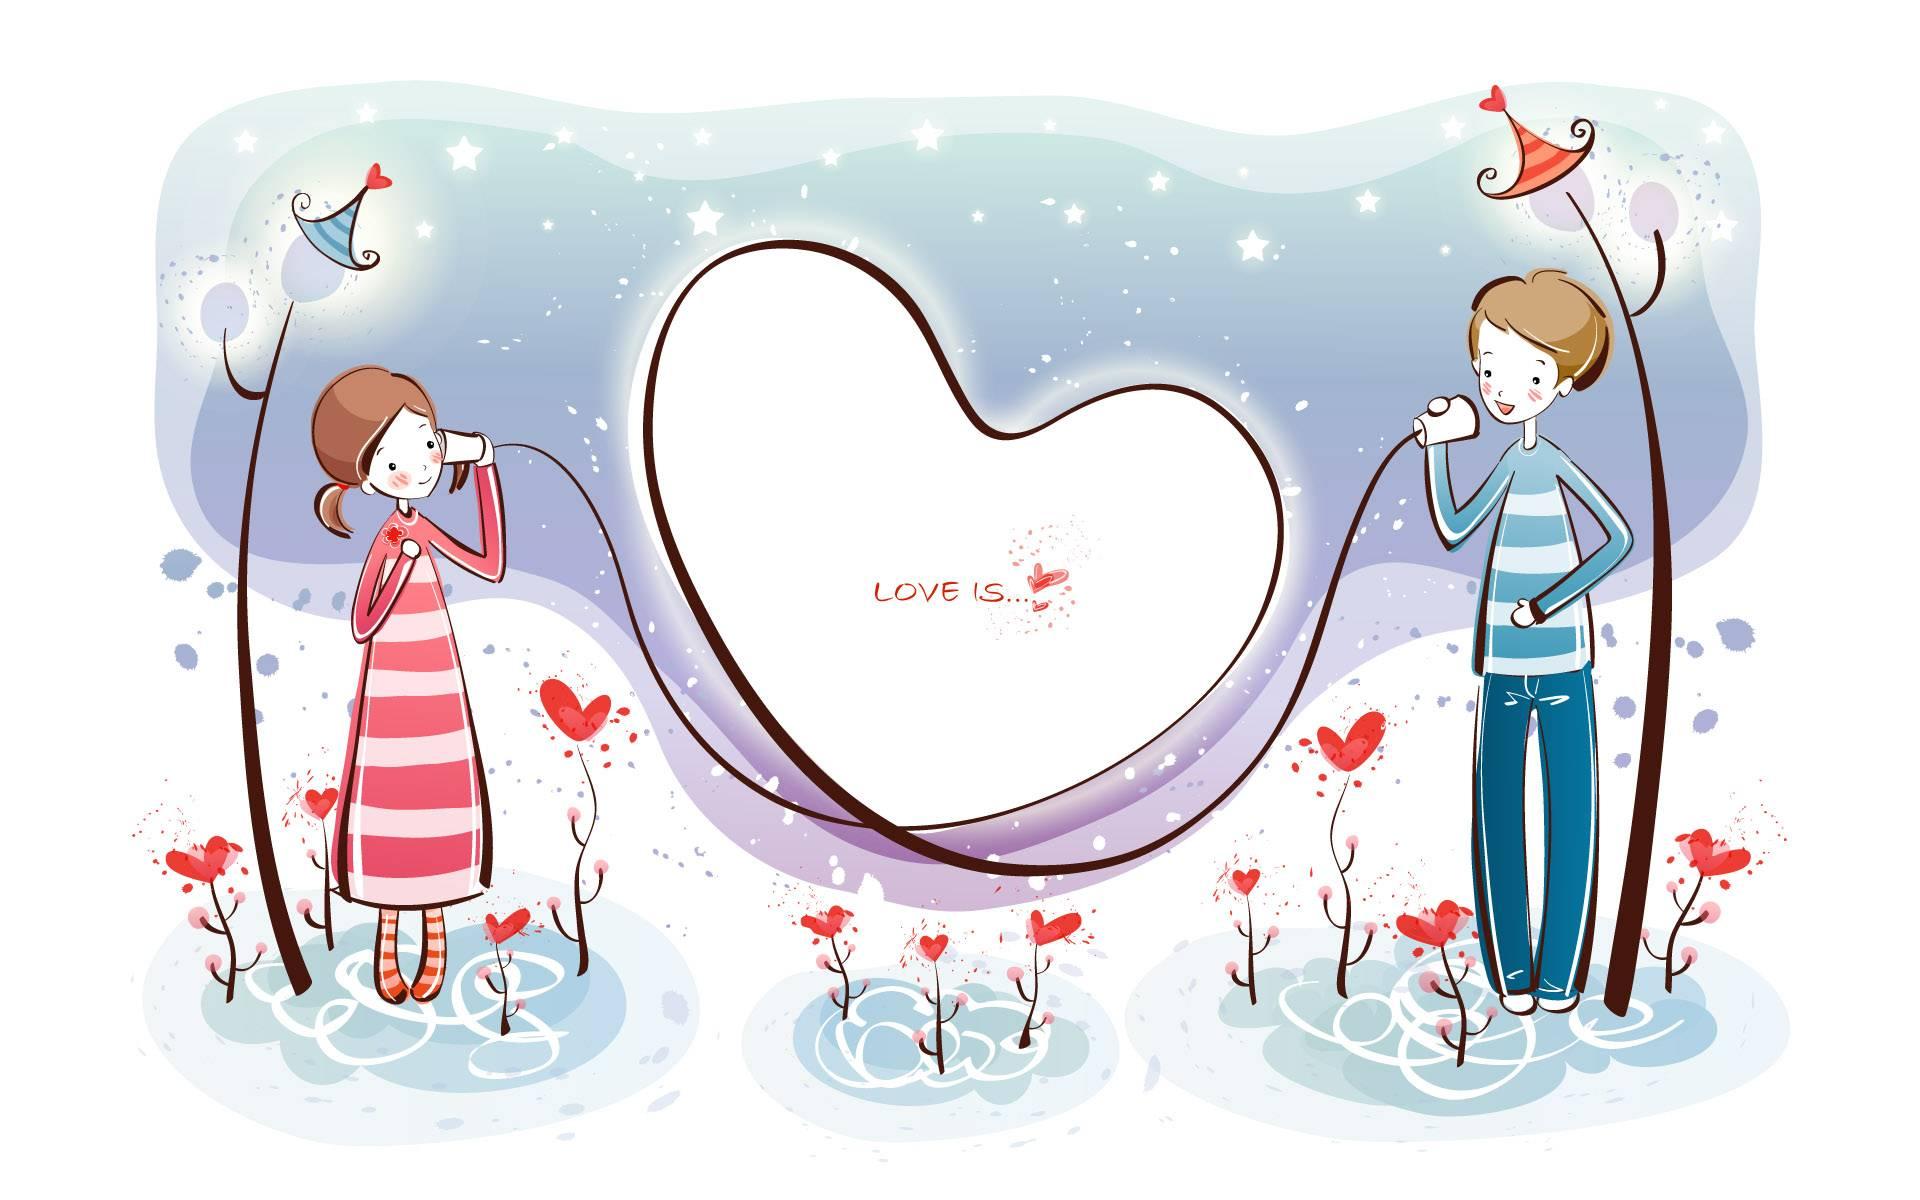 Imagenes de amor tiernas para enamorar y enviar por whatsapp